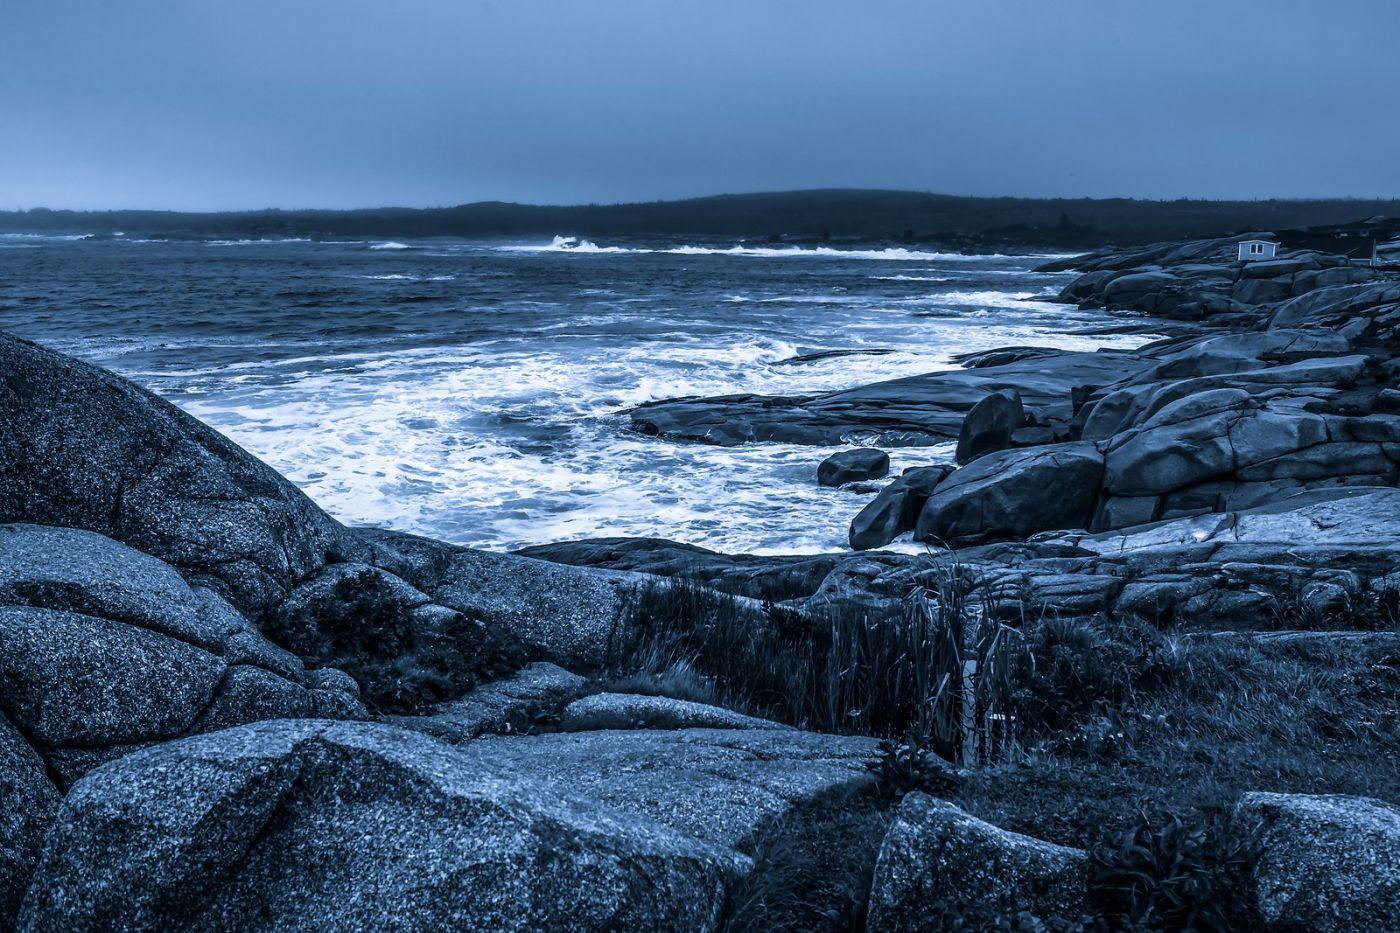 加拿大佩吉海湾(Peggys Cove),礁石上的灯塔_图1-24